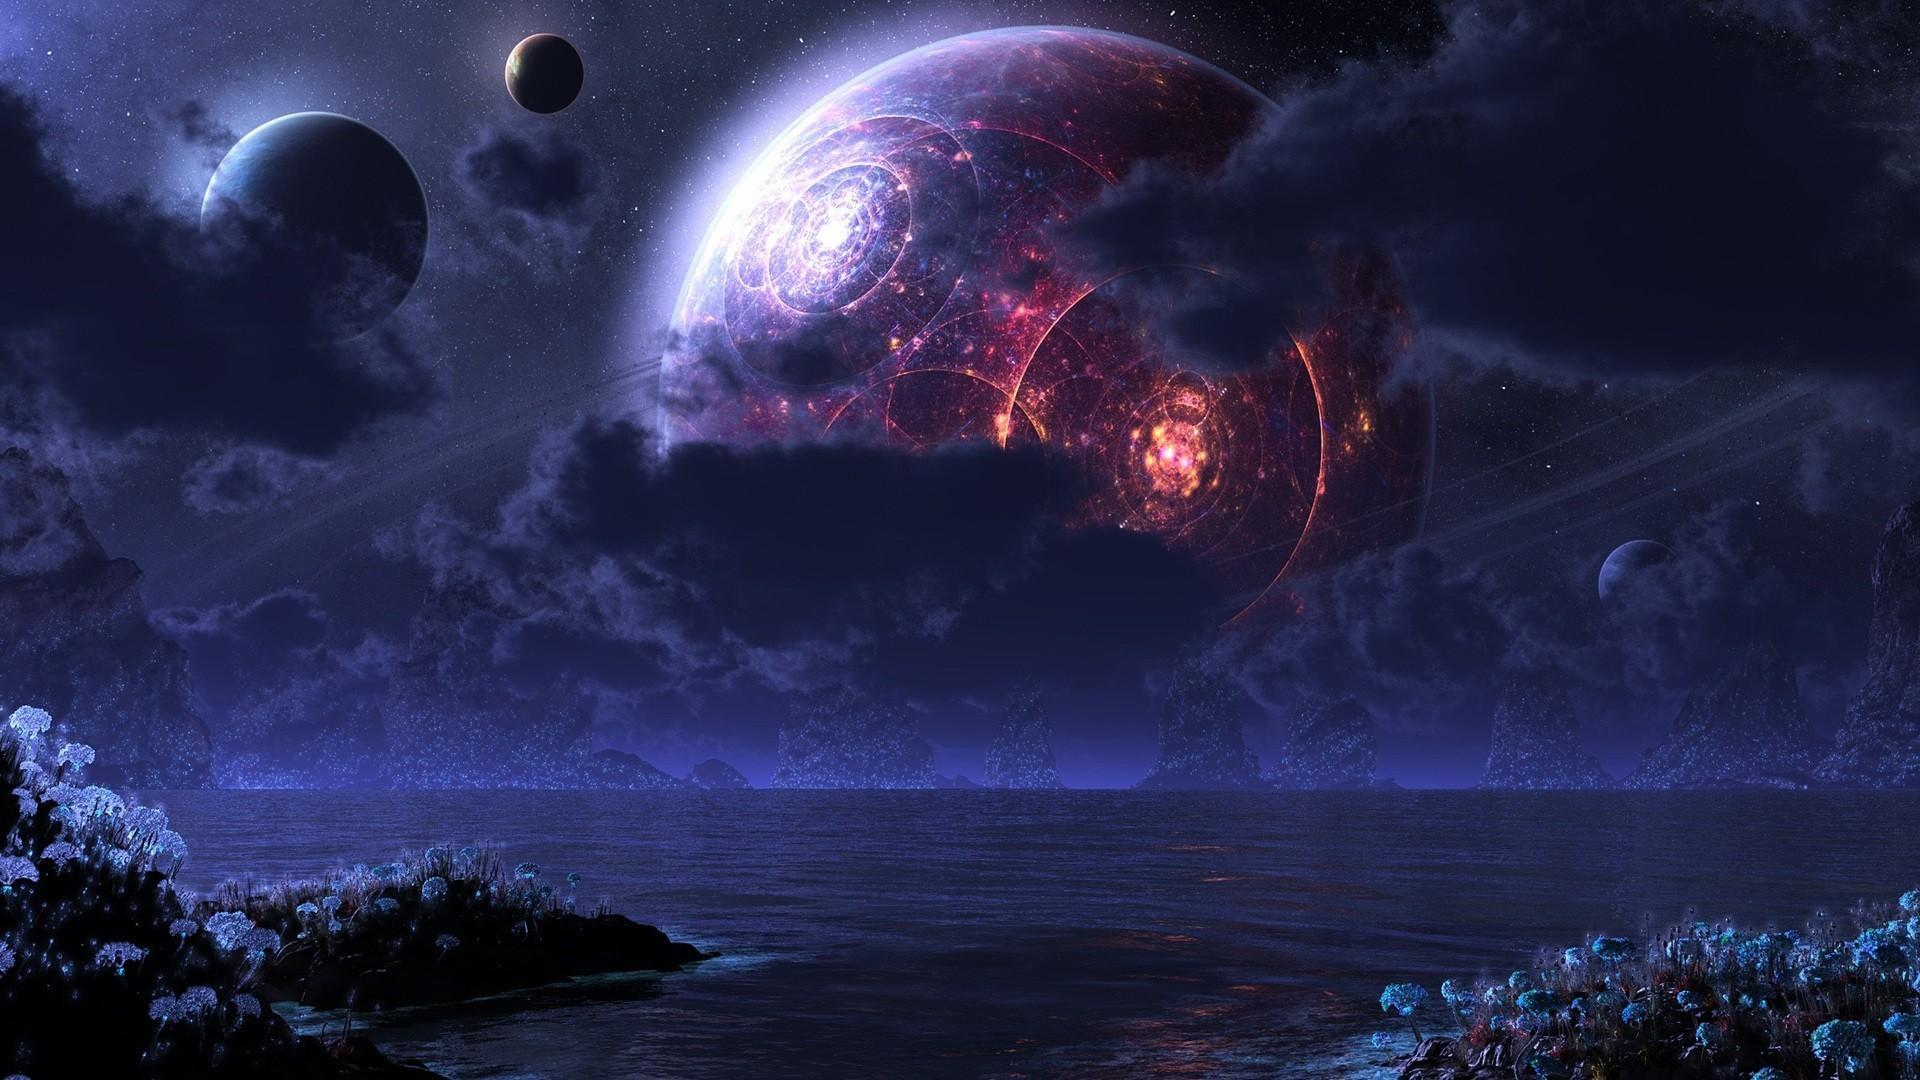 デスクトップ壁紙 銀河 惑星 スペース 地球 宇宙美術 月光